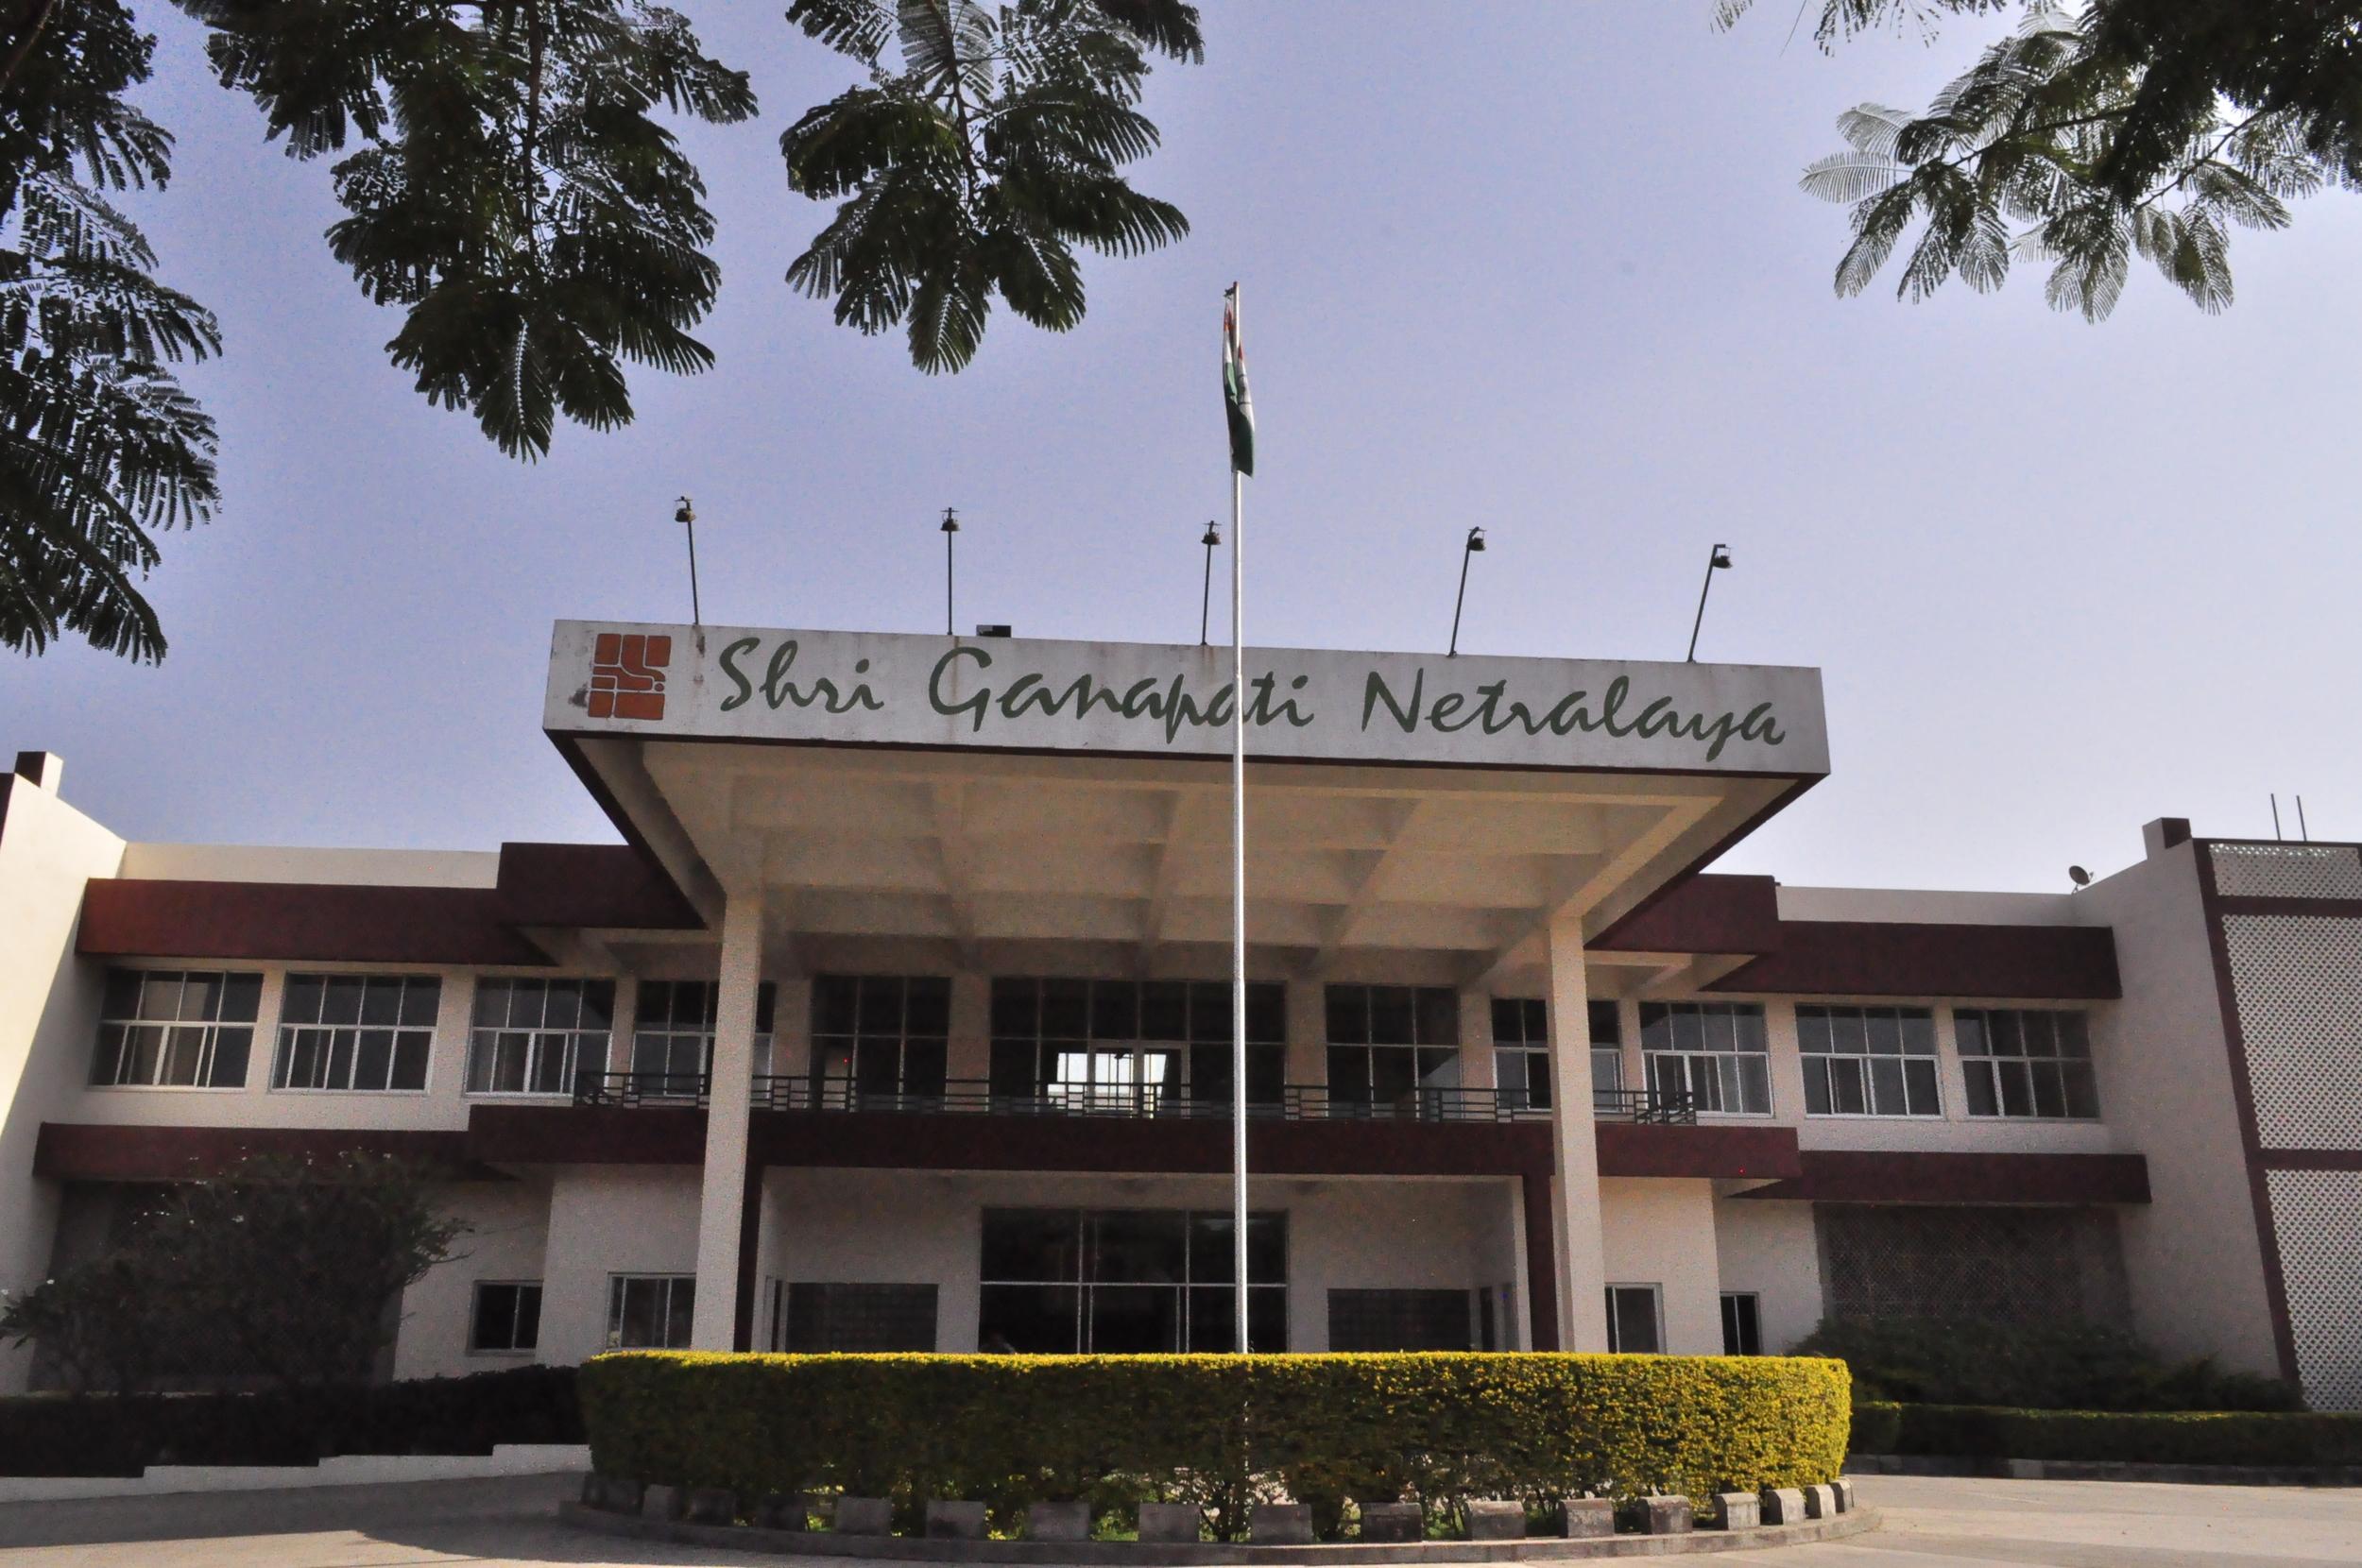 Shri Ganapati Netralaya